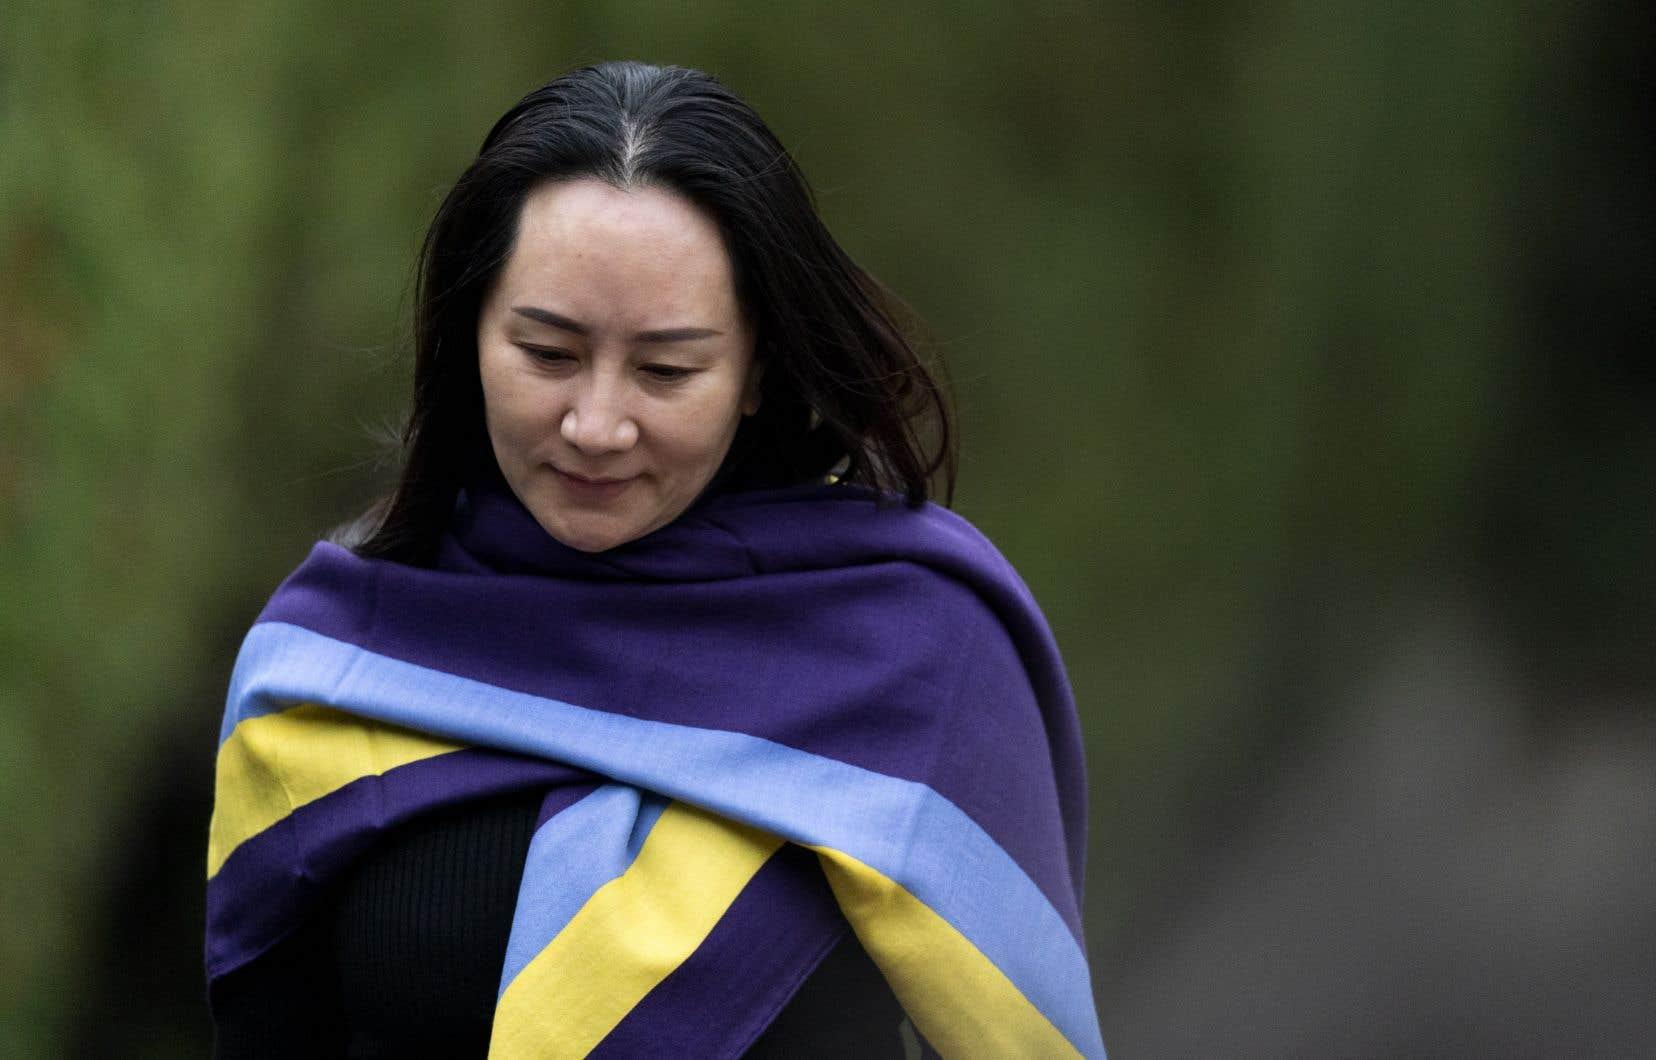 Les avocats de Meng Wanzhou tentent une nouvelle fois de prouver que ses droits ont été bafoués lors de son interpellation et qu'elle doit être remise en liberté.